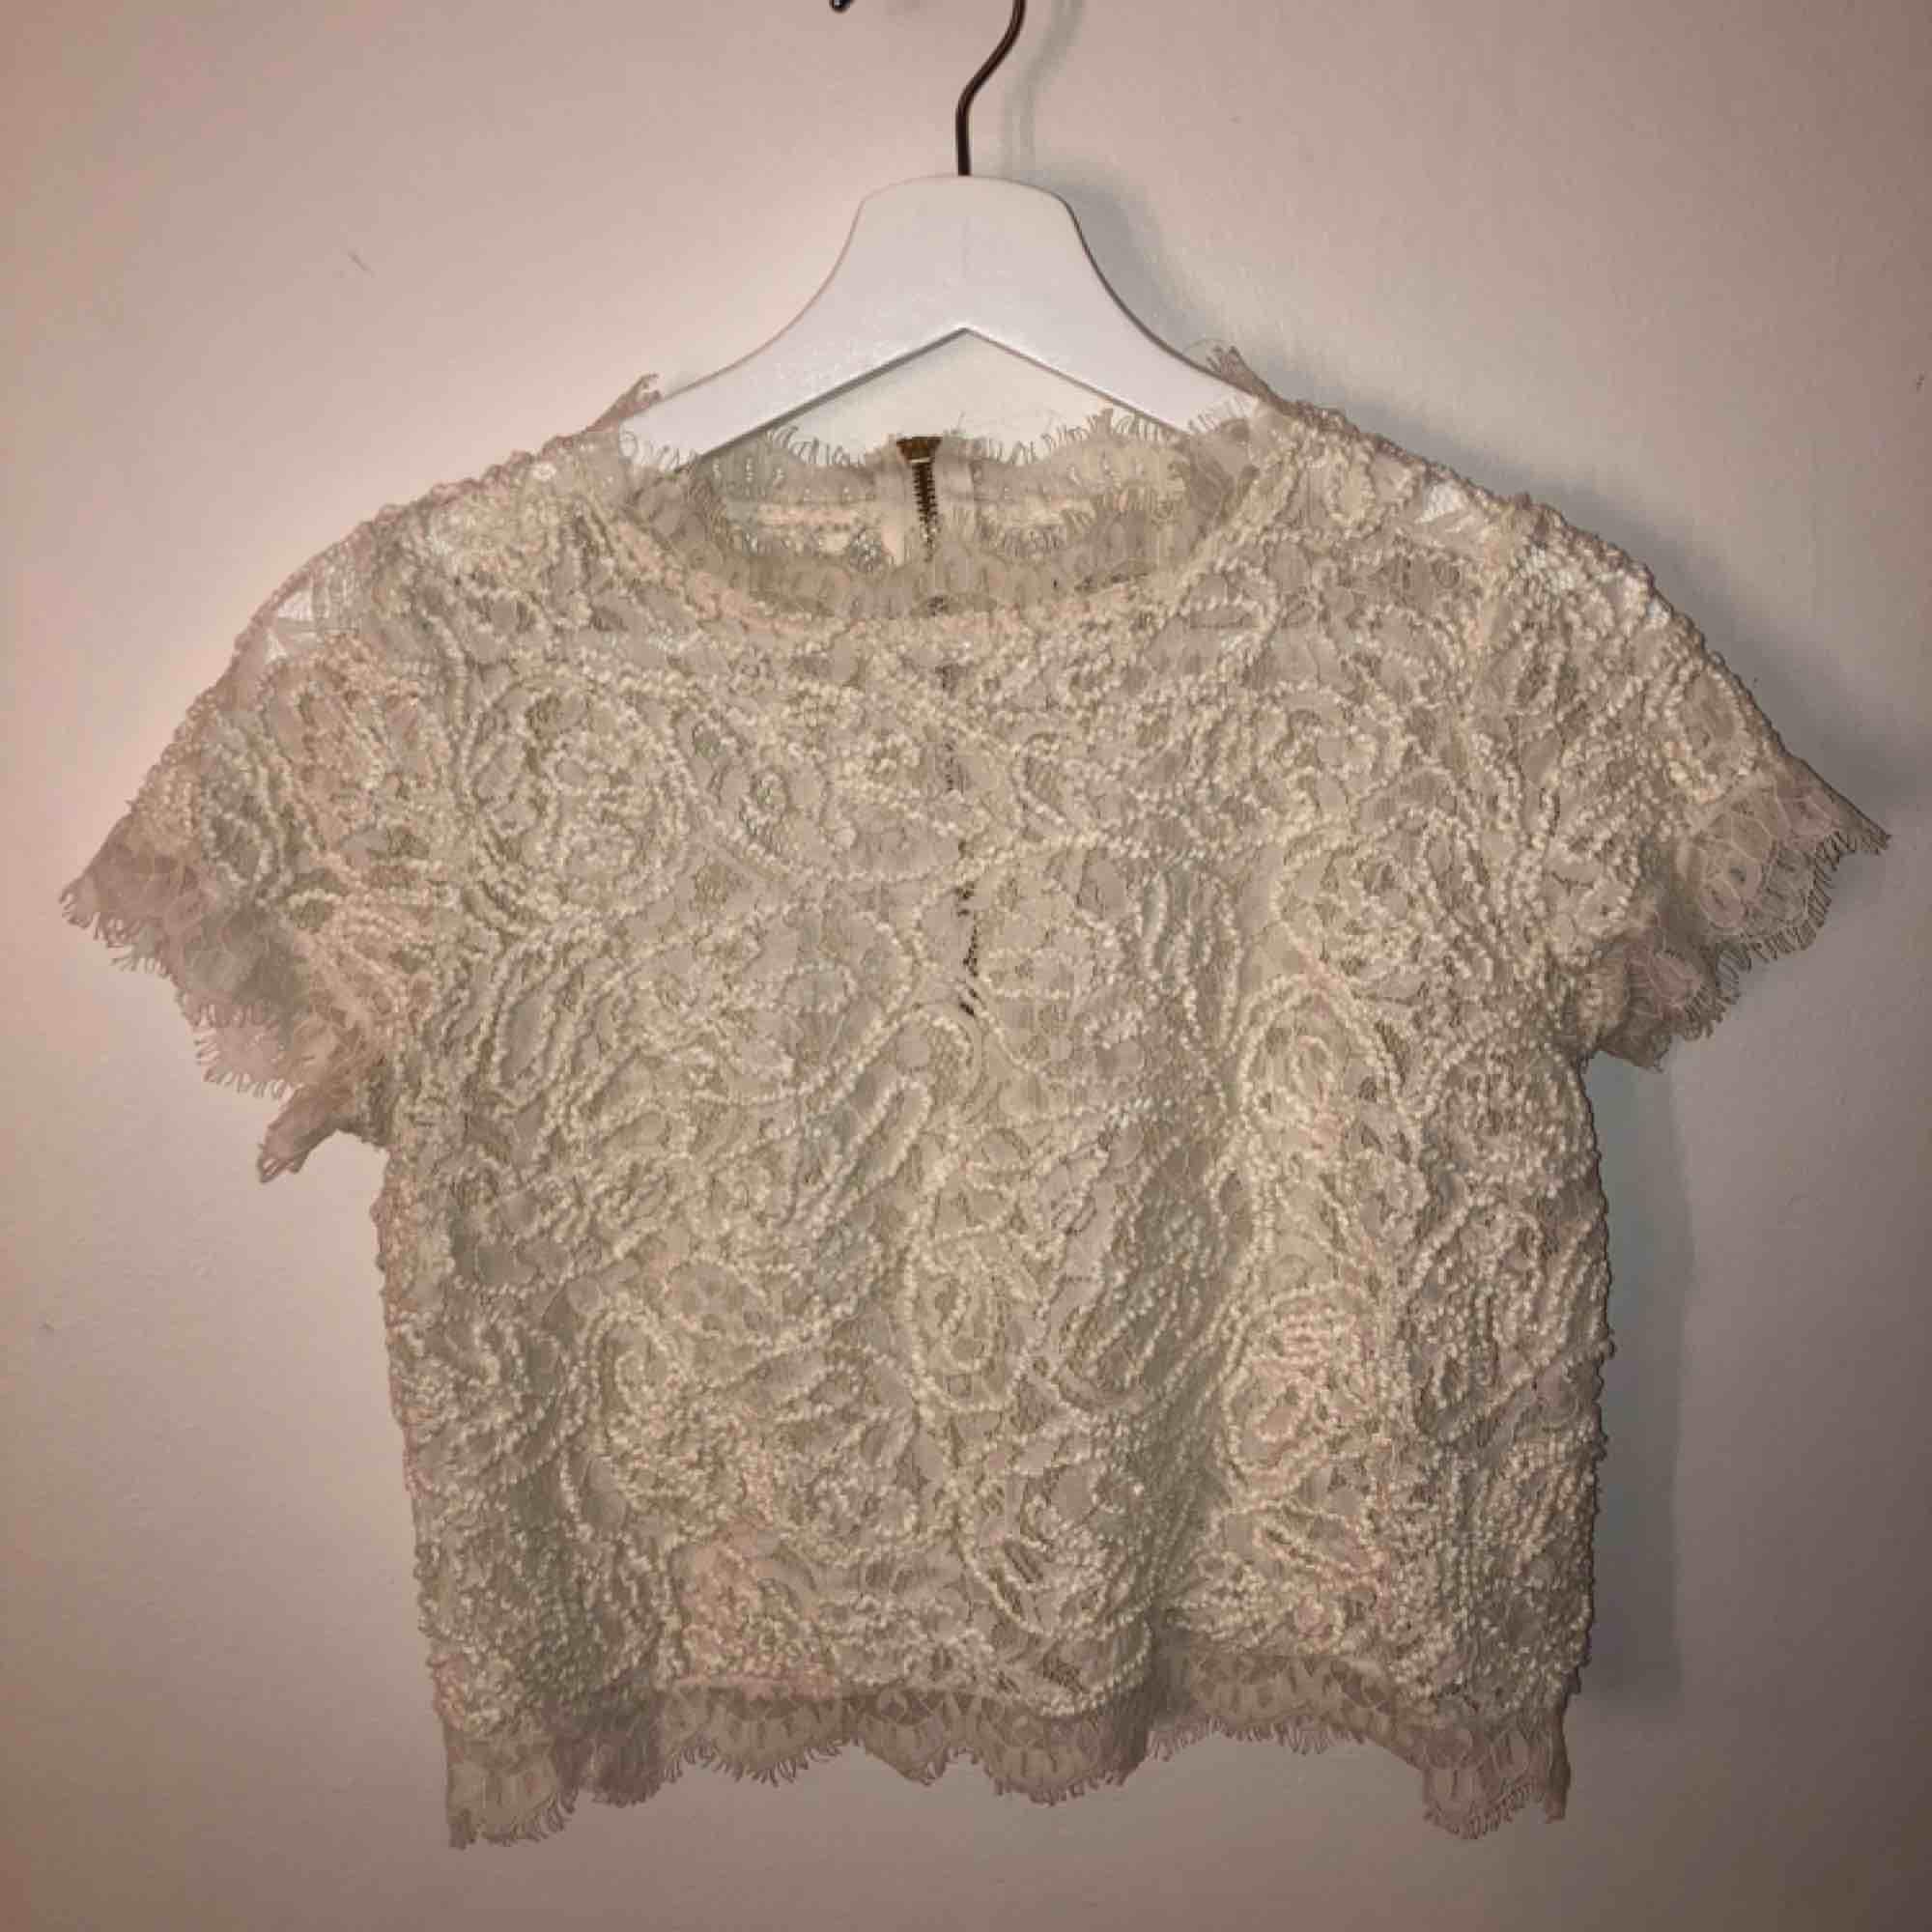 Fin kortärmad tröja från Lindex med dragkedja bak som går ungefär halvvägs ner för ryggen, sparsamt använd. Skriv för fler bilder eller om du har några funderingar. Köparen står för frakt💕:). Blusar.